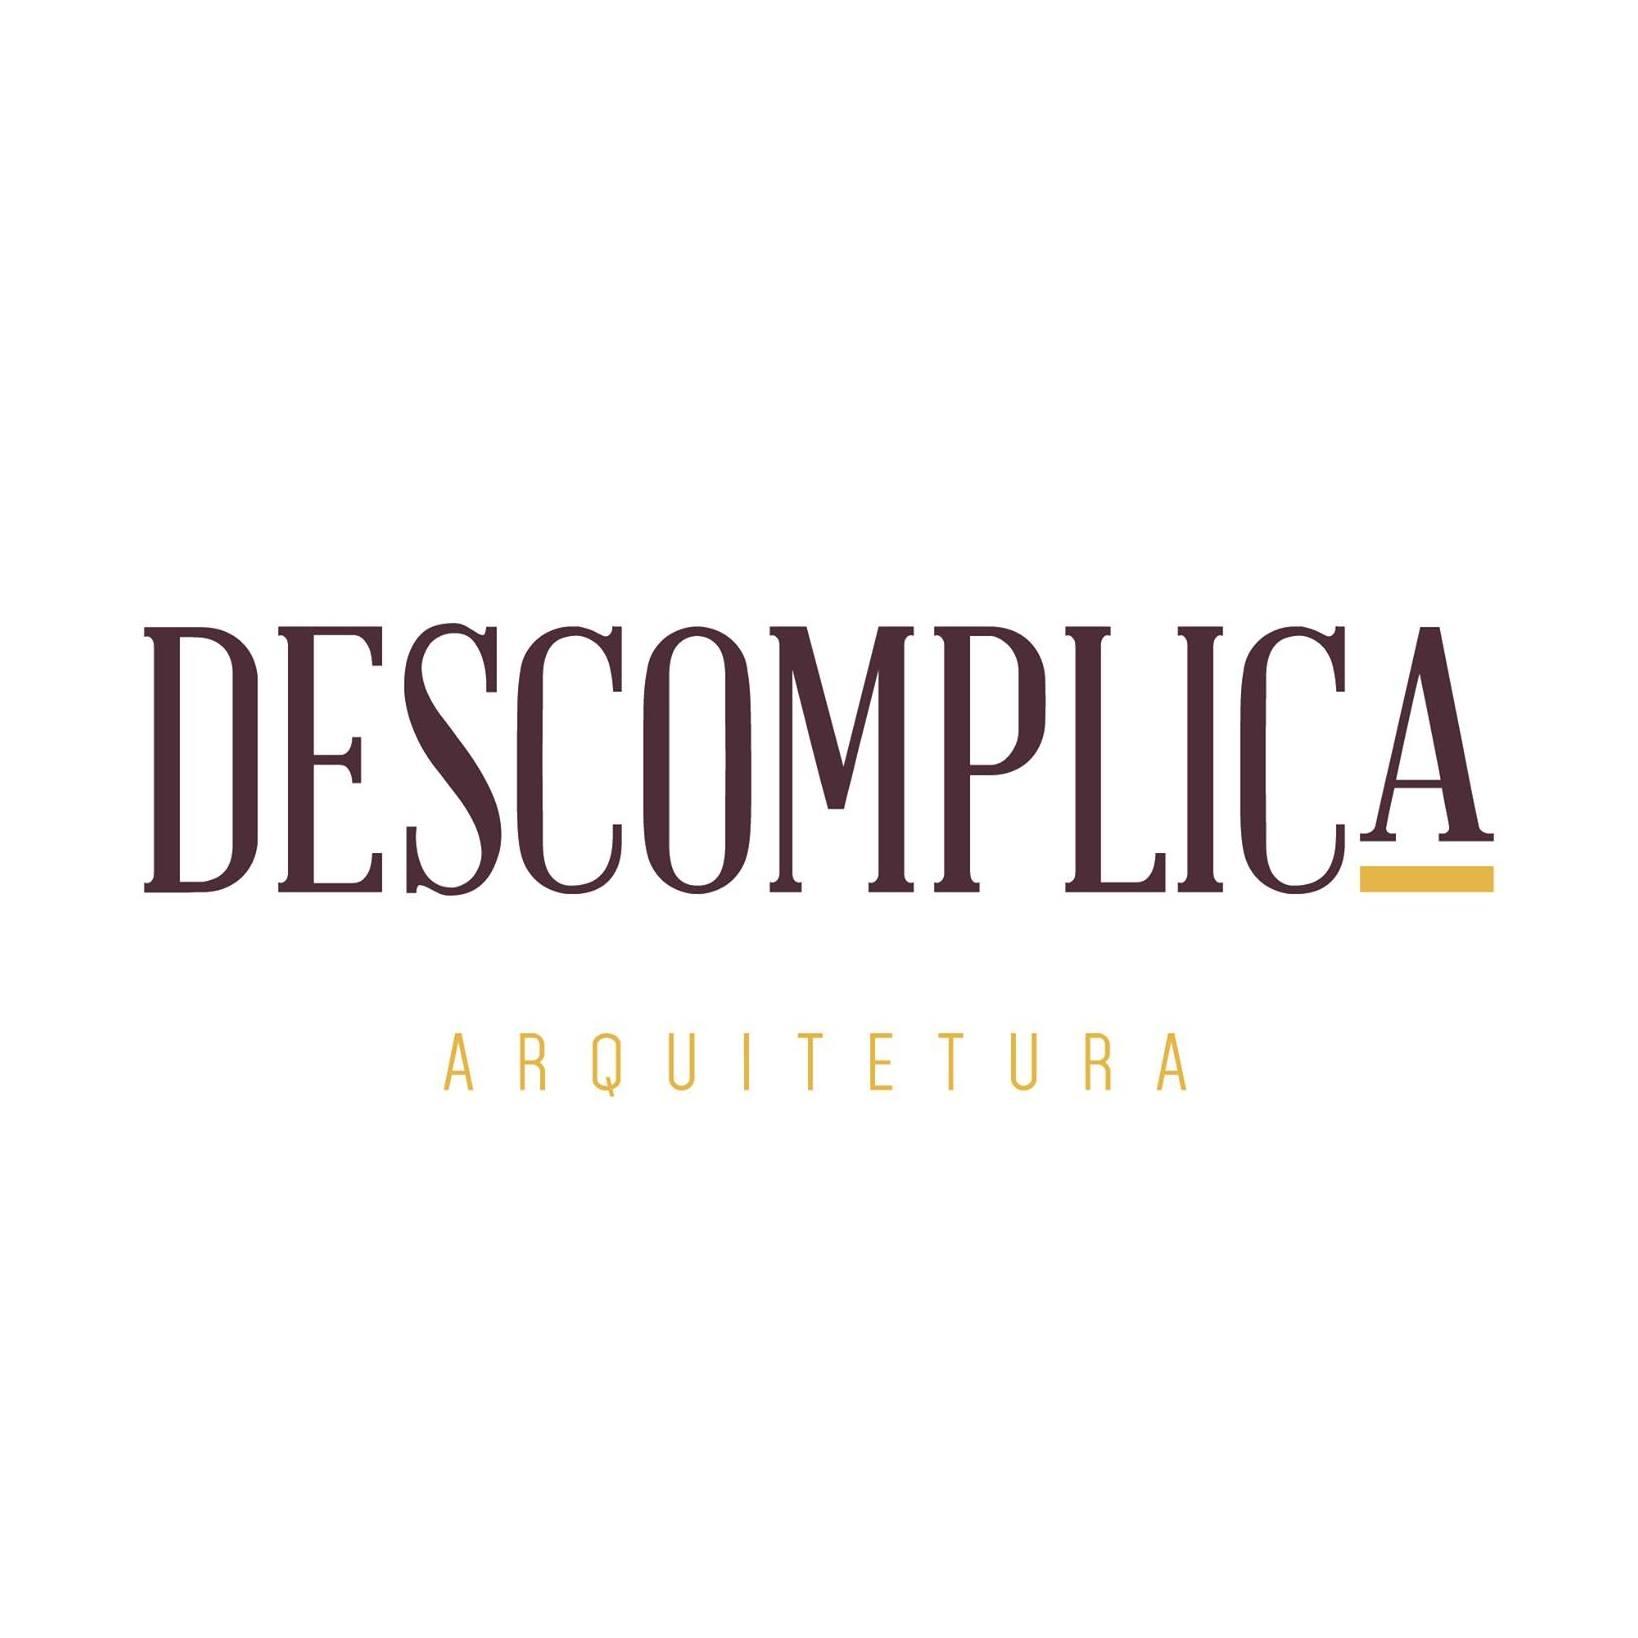 Logo Descomplica Arquitetura